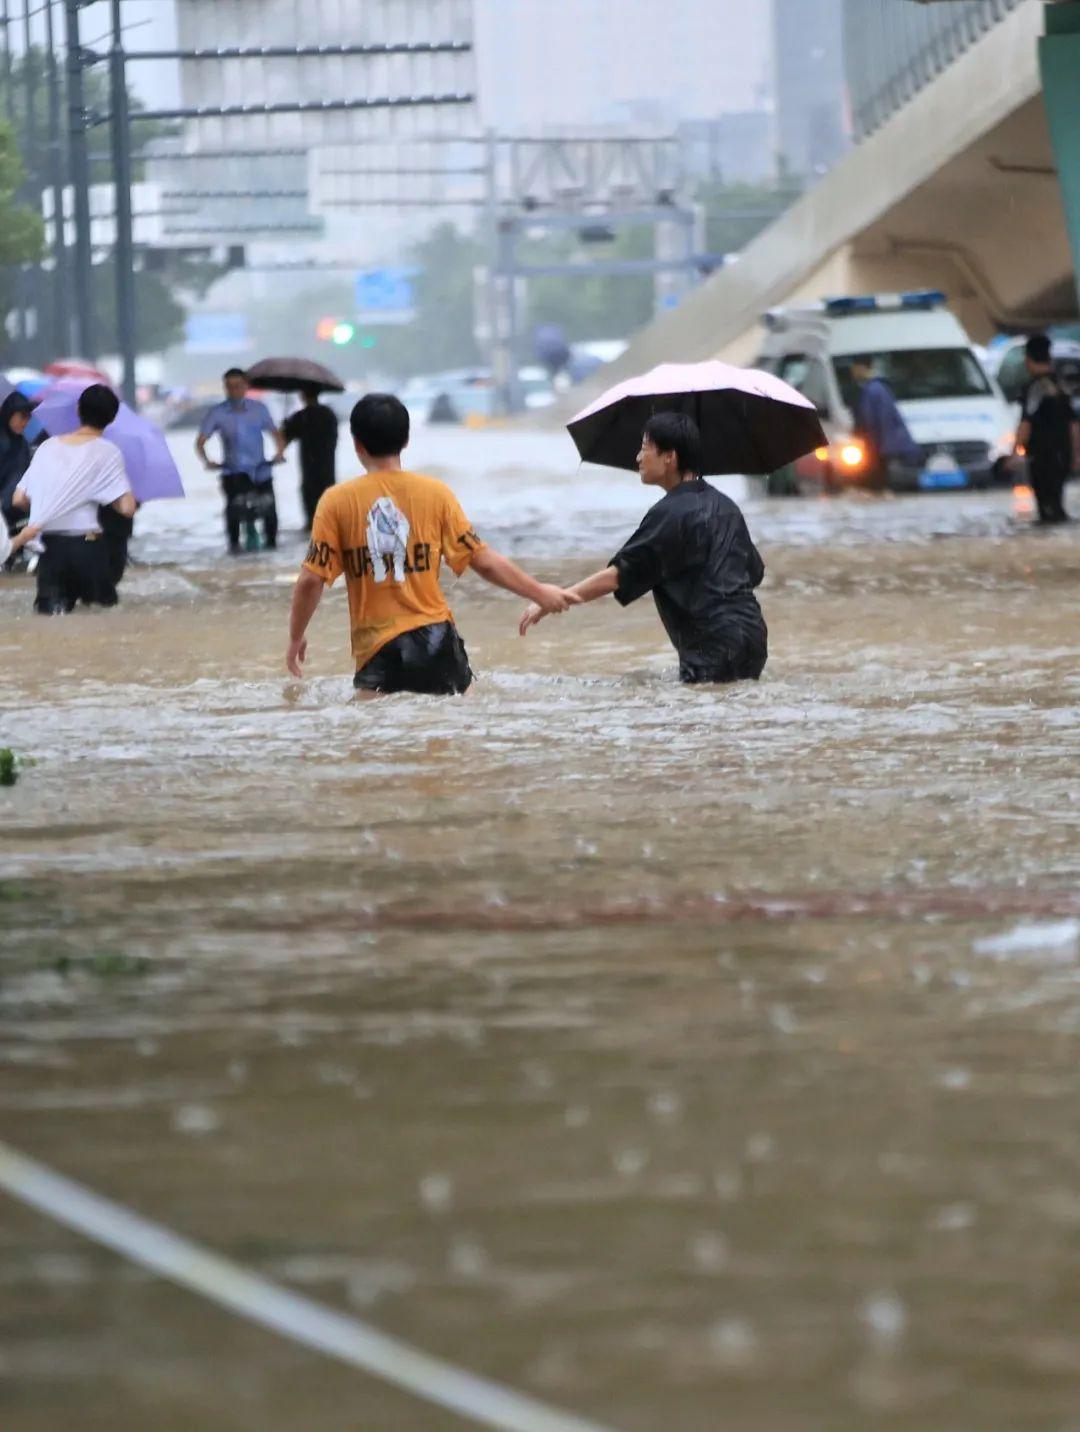 ▲ 7月20日,市民走在齐腰深的积水里。图/视觉中国